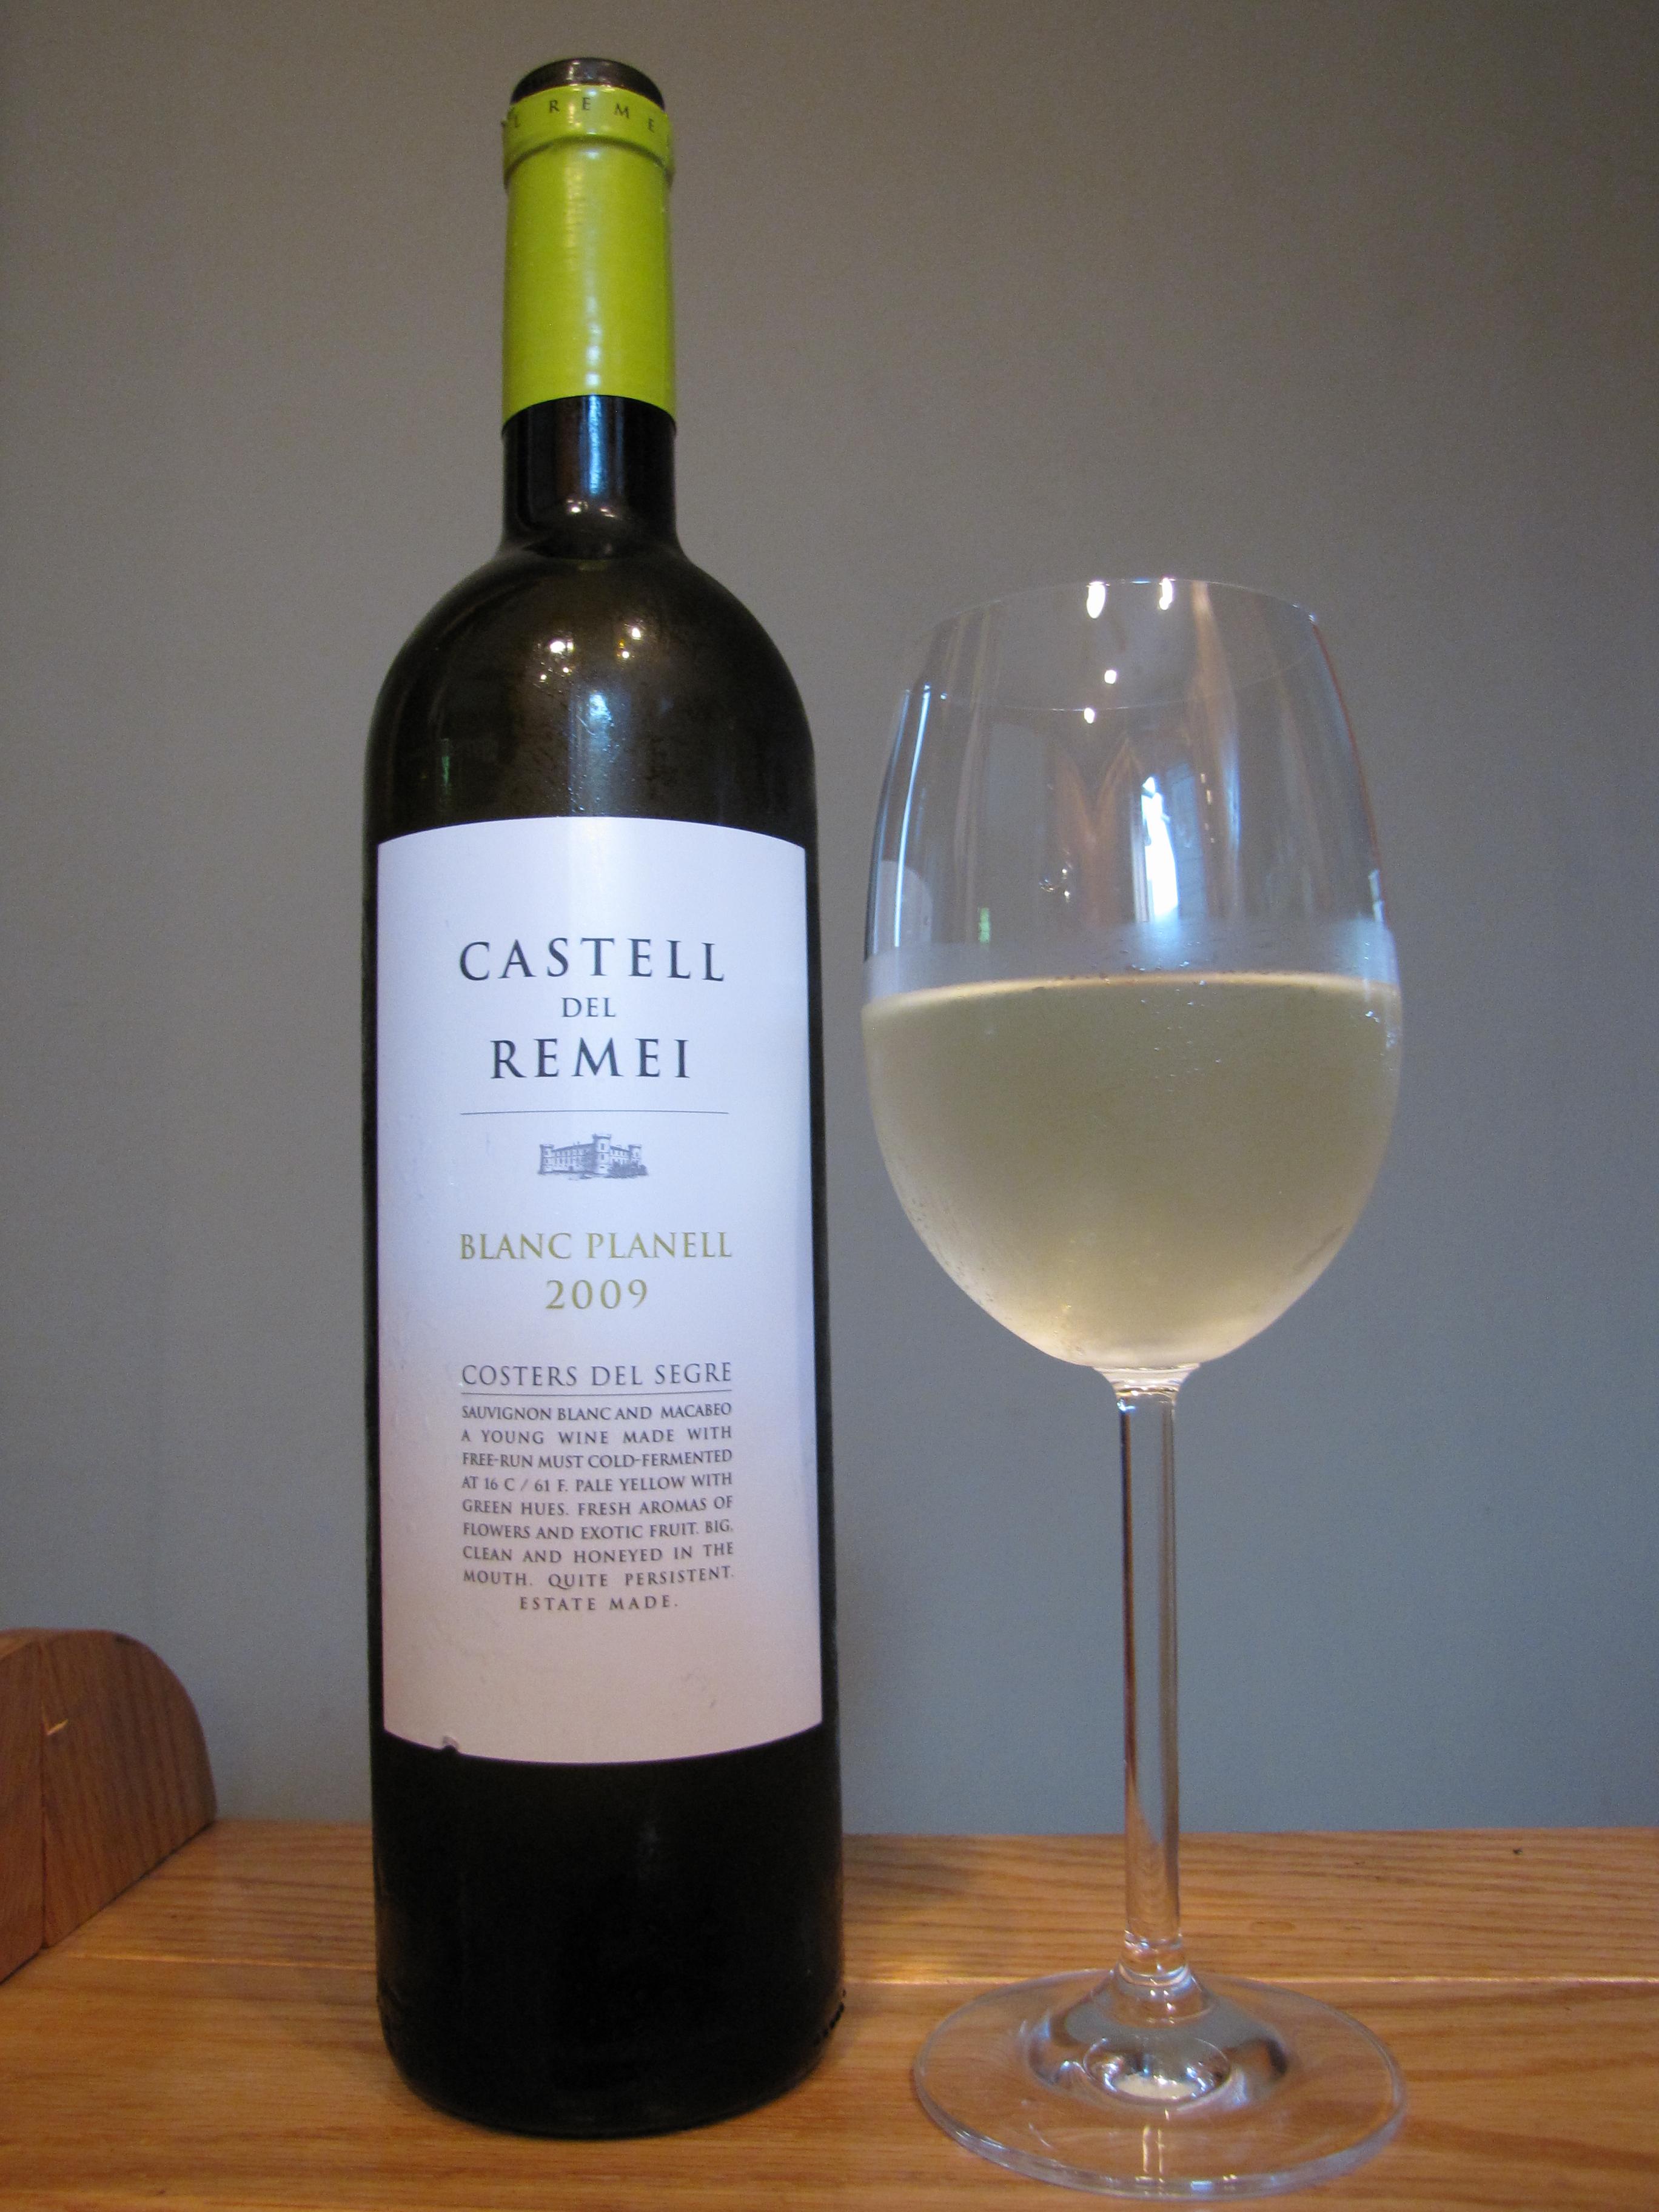 Castell del Remei Costers del Segre Blanc Planell (2009)